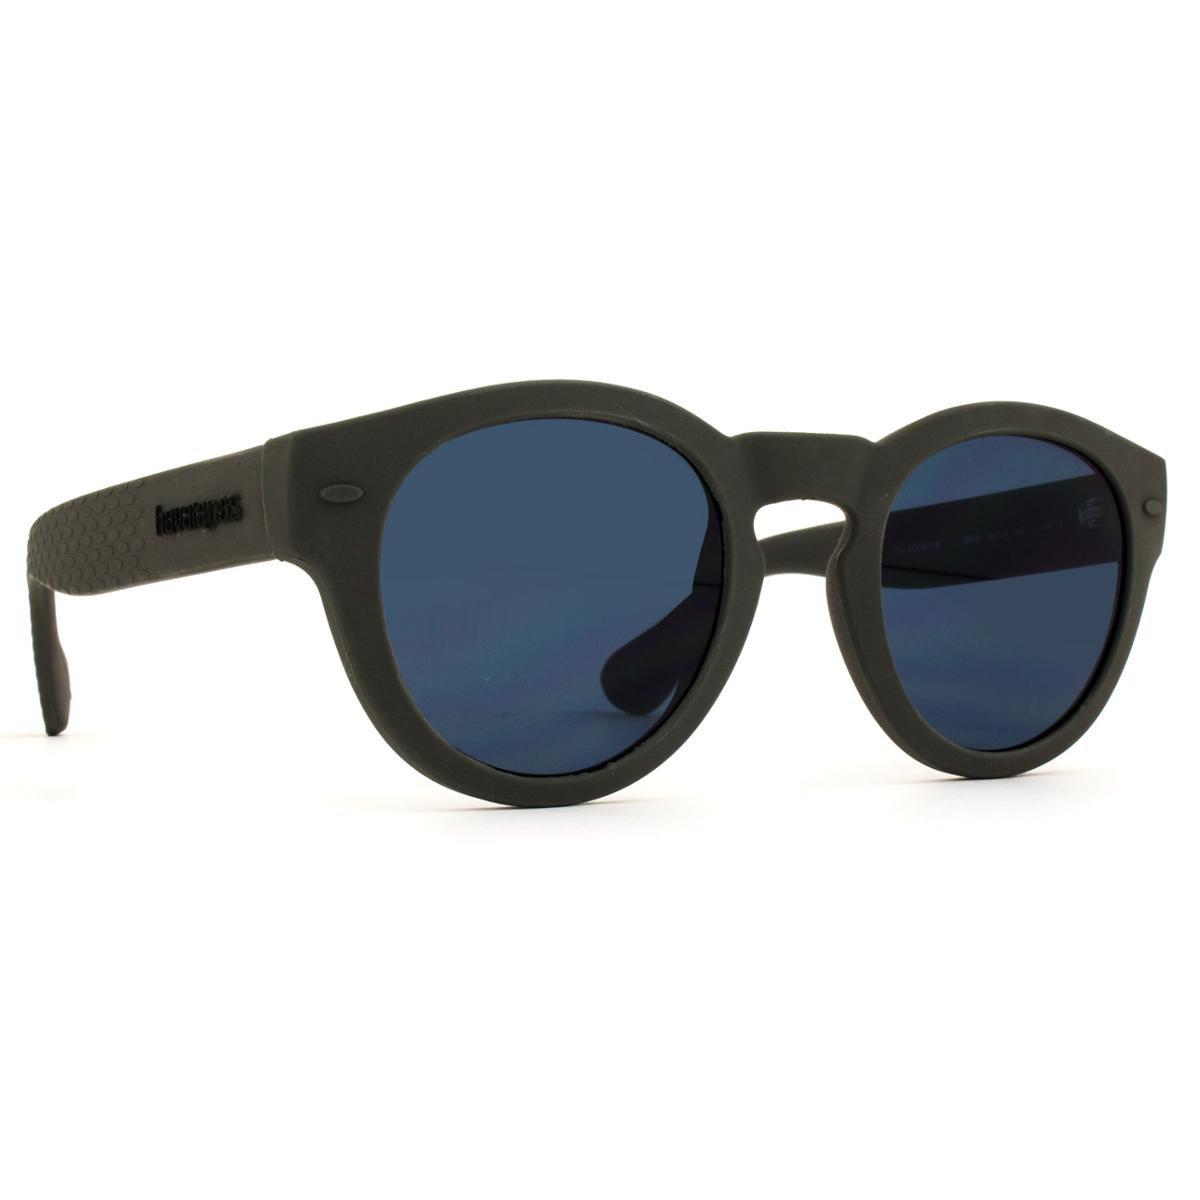 bc41a0c1210a5 Óculos de Sol Havaianas Trancoso M QIE 9A-49 Masculino - Compre ...